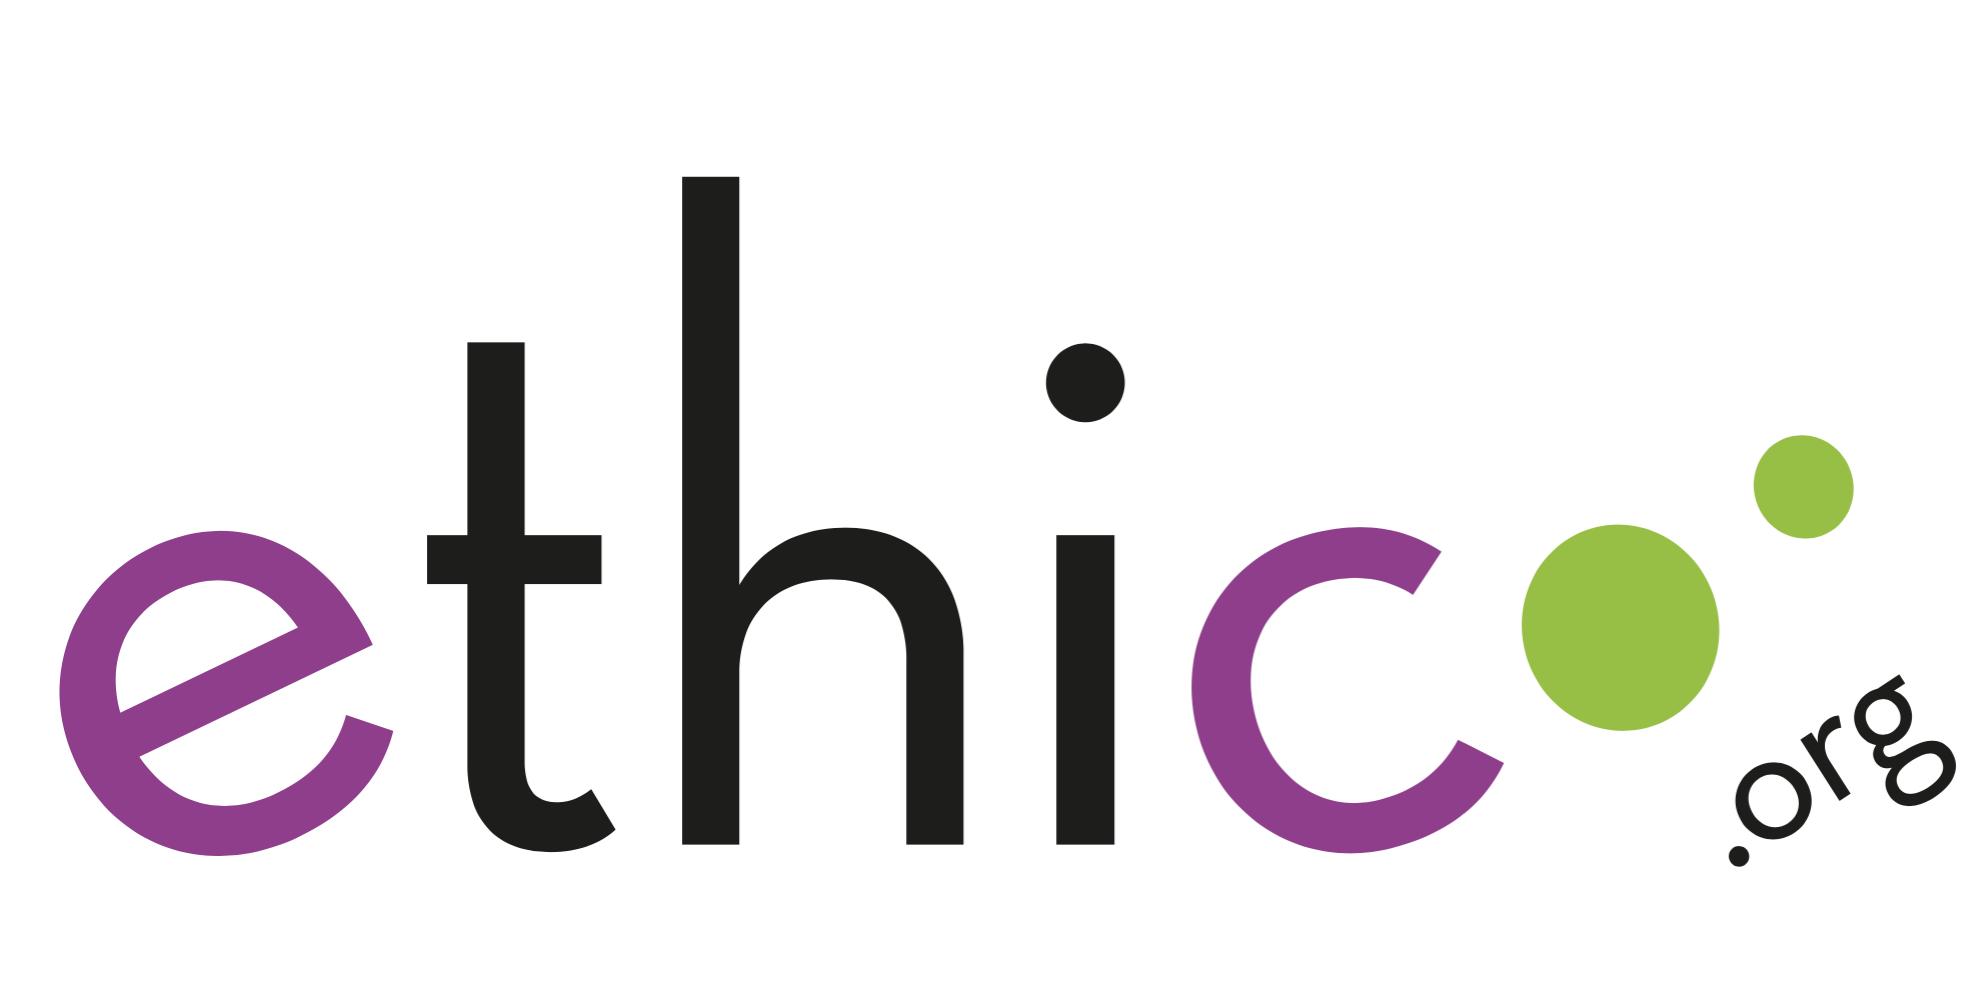 Ethicoo